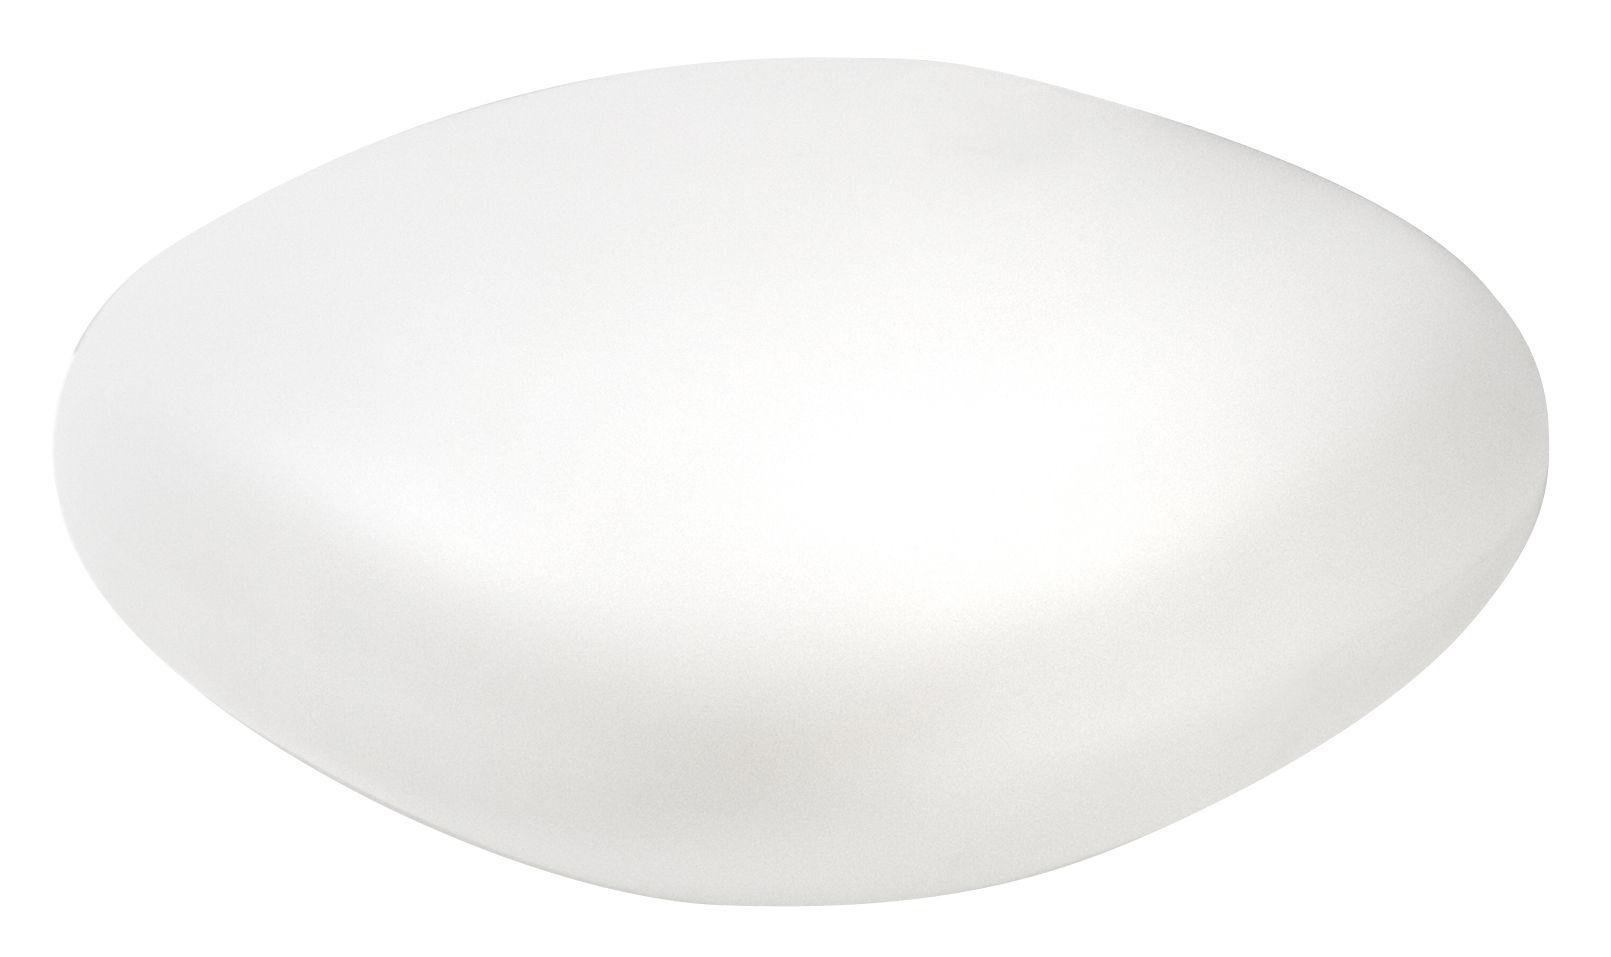 Möbel - Couchtische - Chubby Low Couchtisch - Slide - Weiß - Polyäthylen